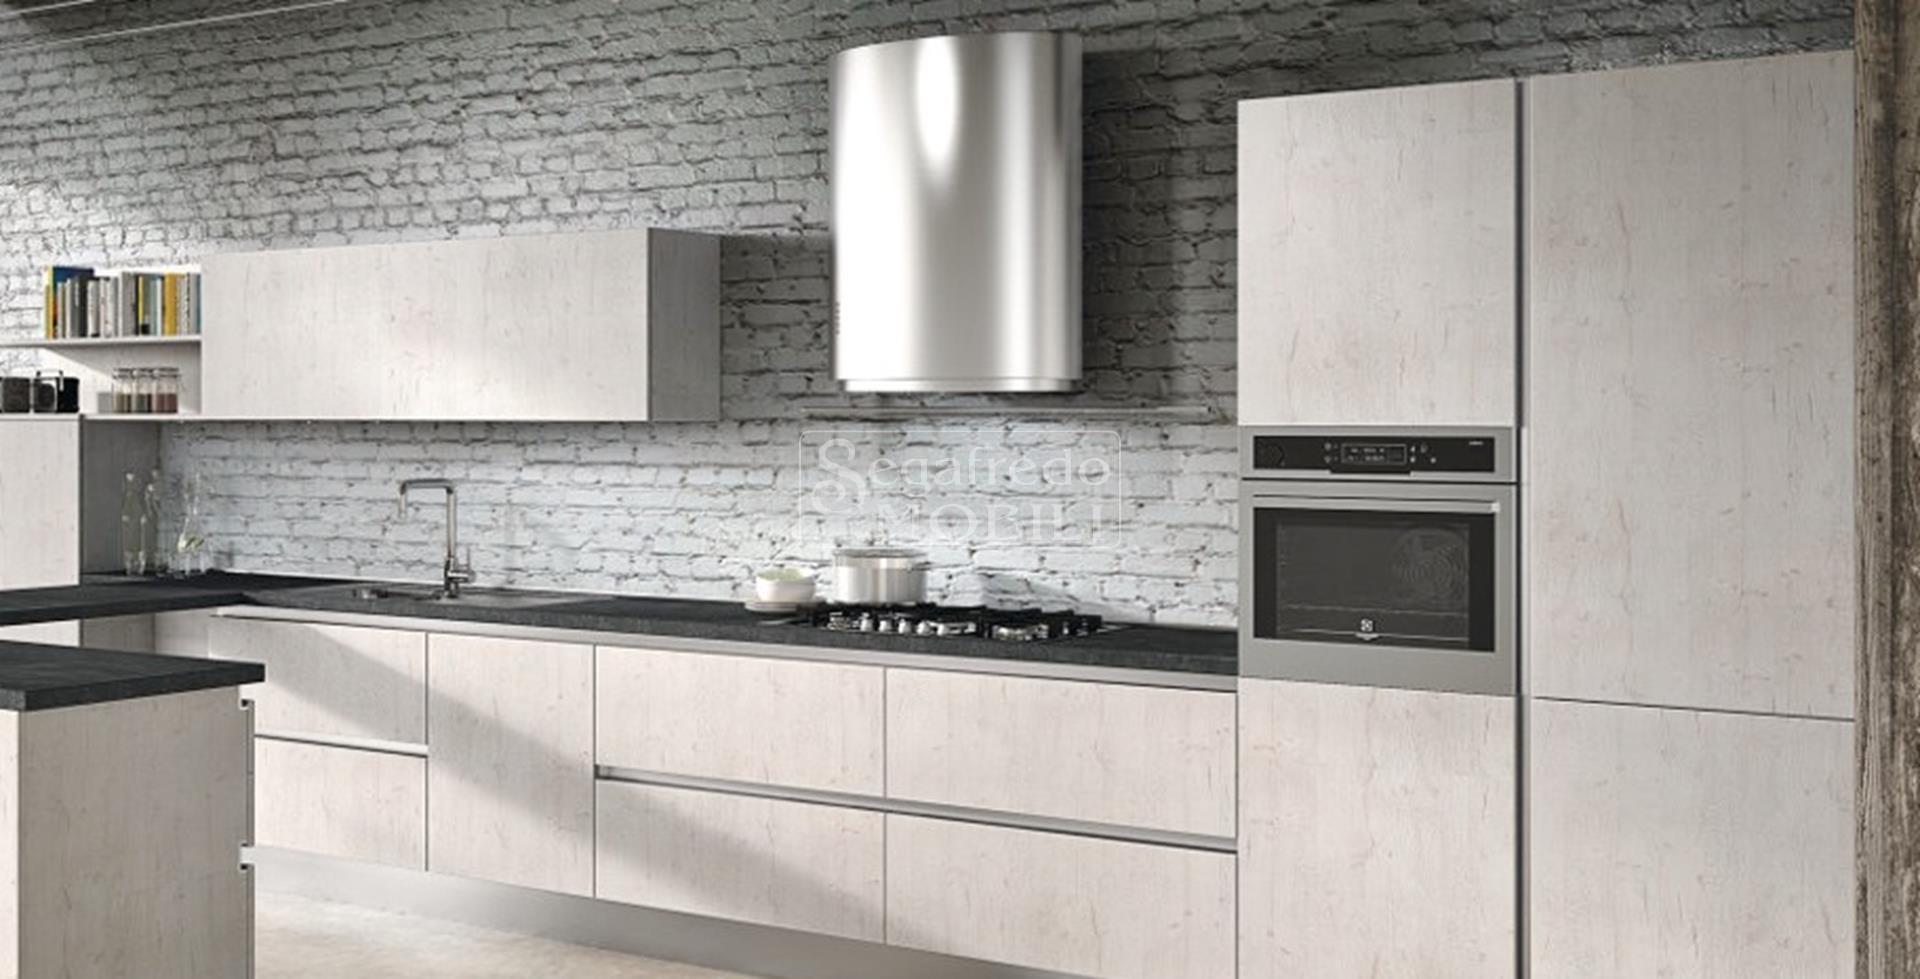 Cucina in legno rivestito da melaminico e laminato mobilificio segafredo mobili arredamenti - Laminato in cucina ...